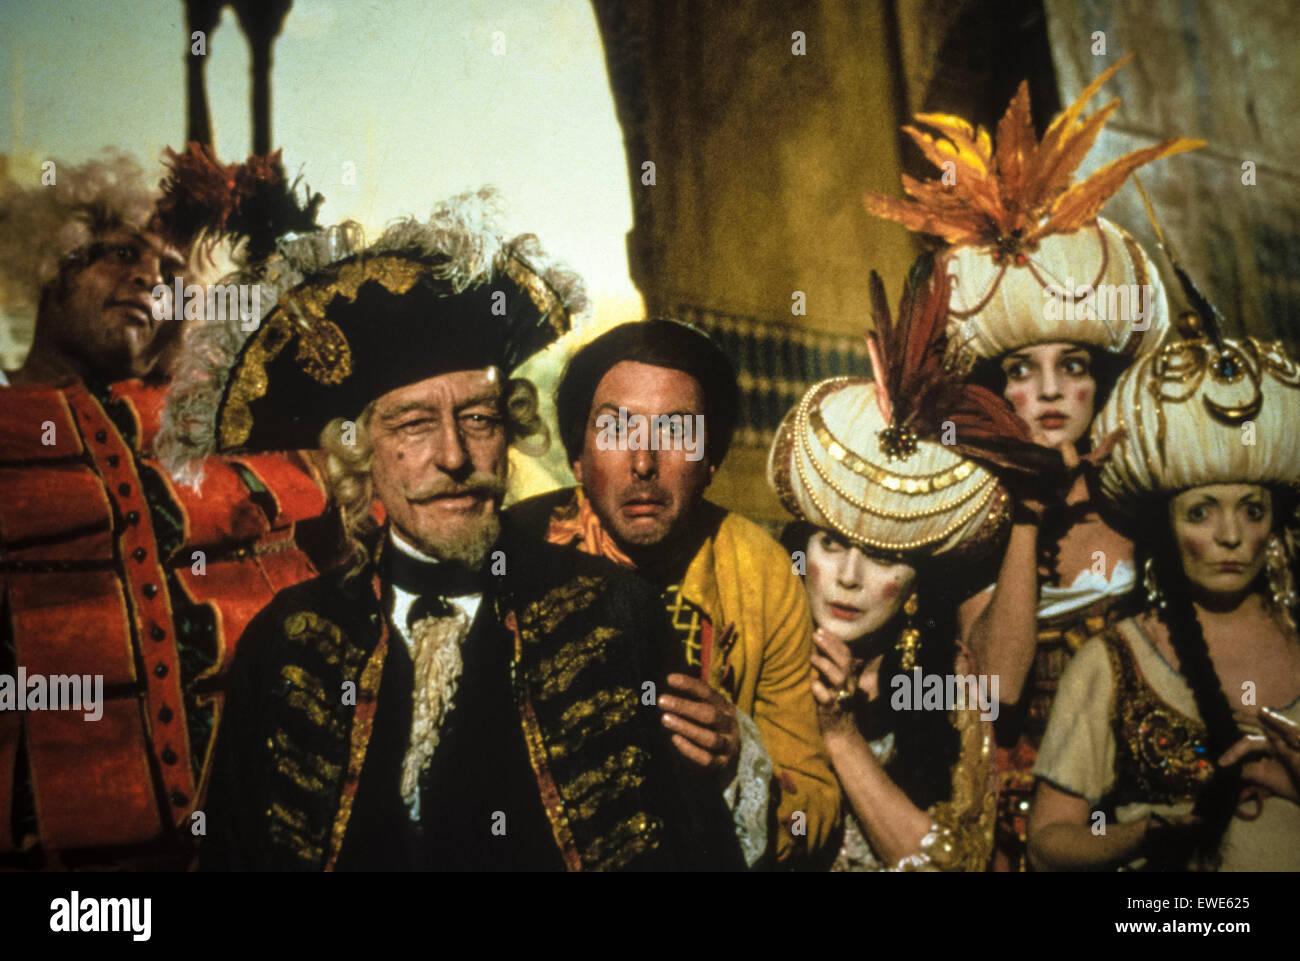 Les aventures du baron de Münchhausen Photo Stock